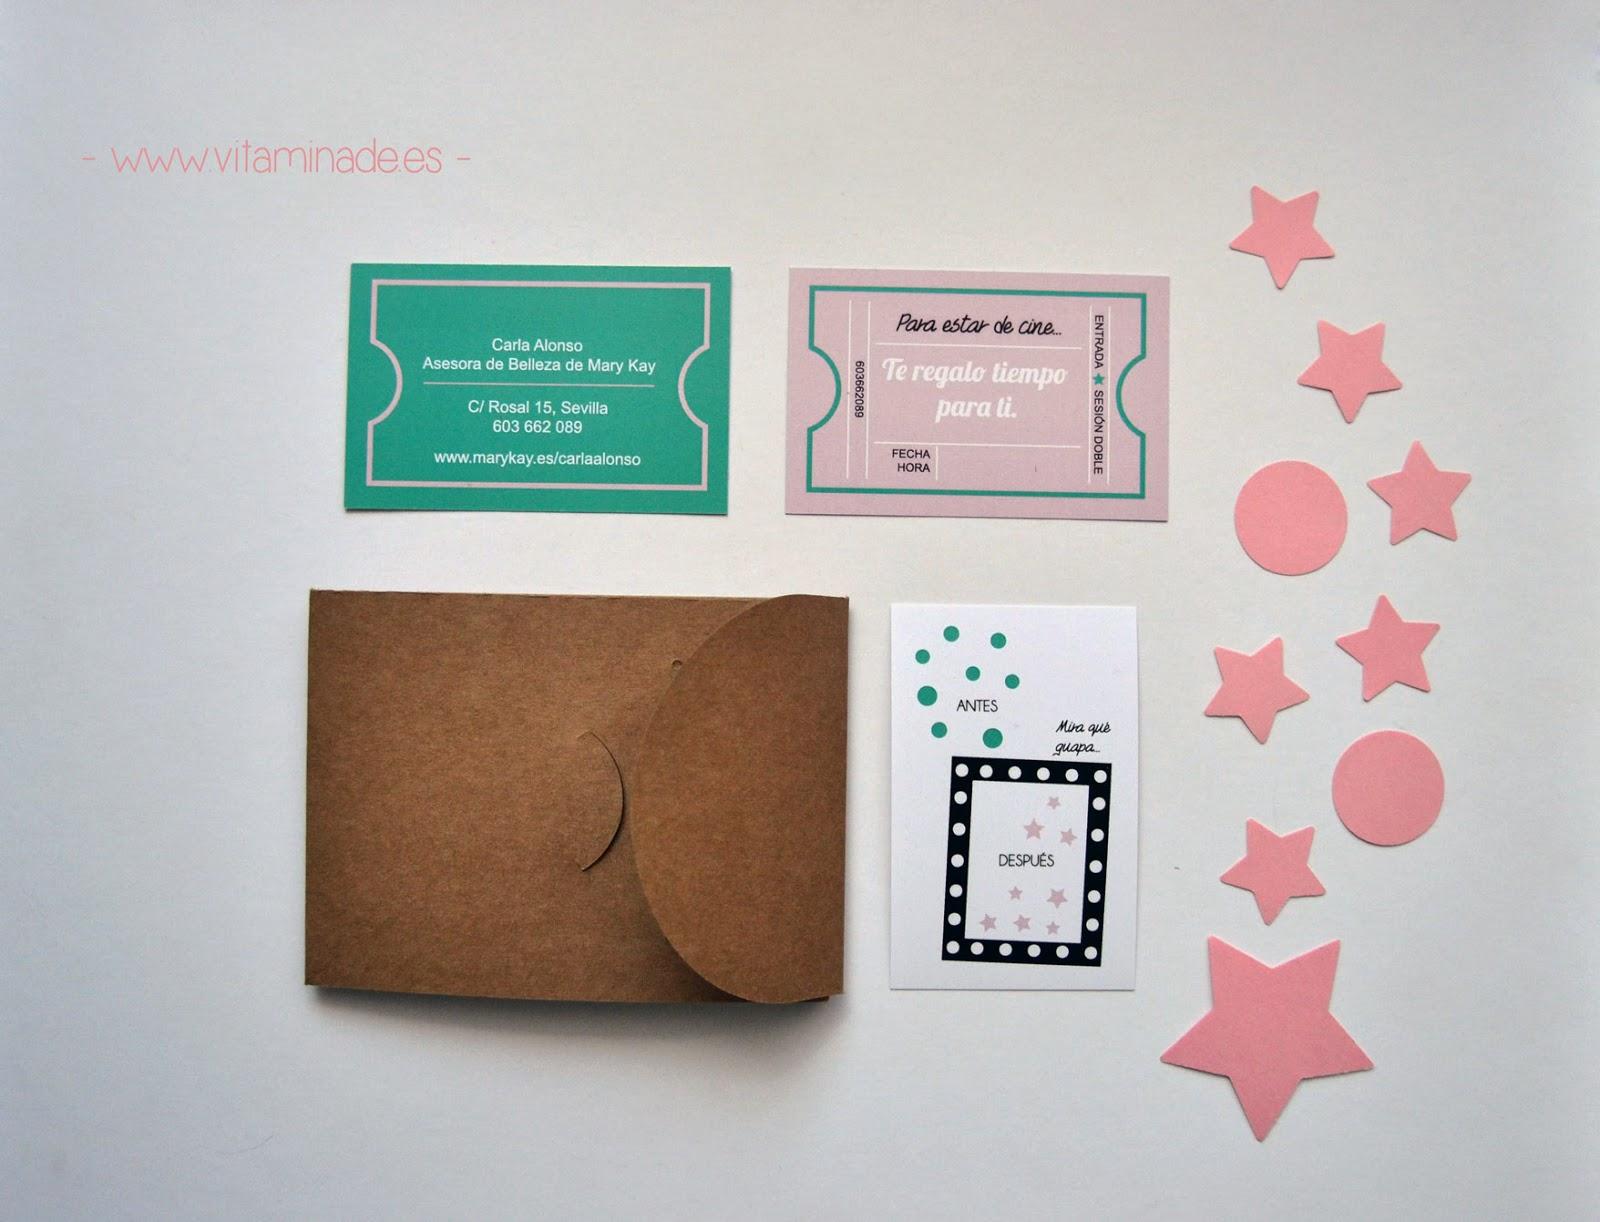 tarjetas sesion de belleza